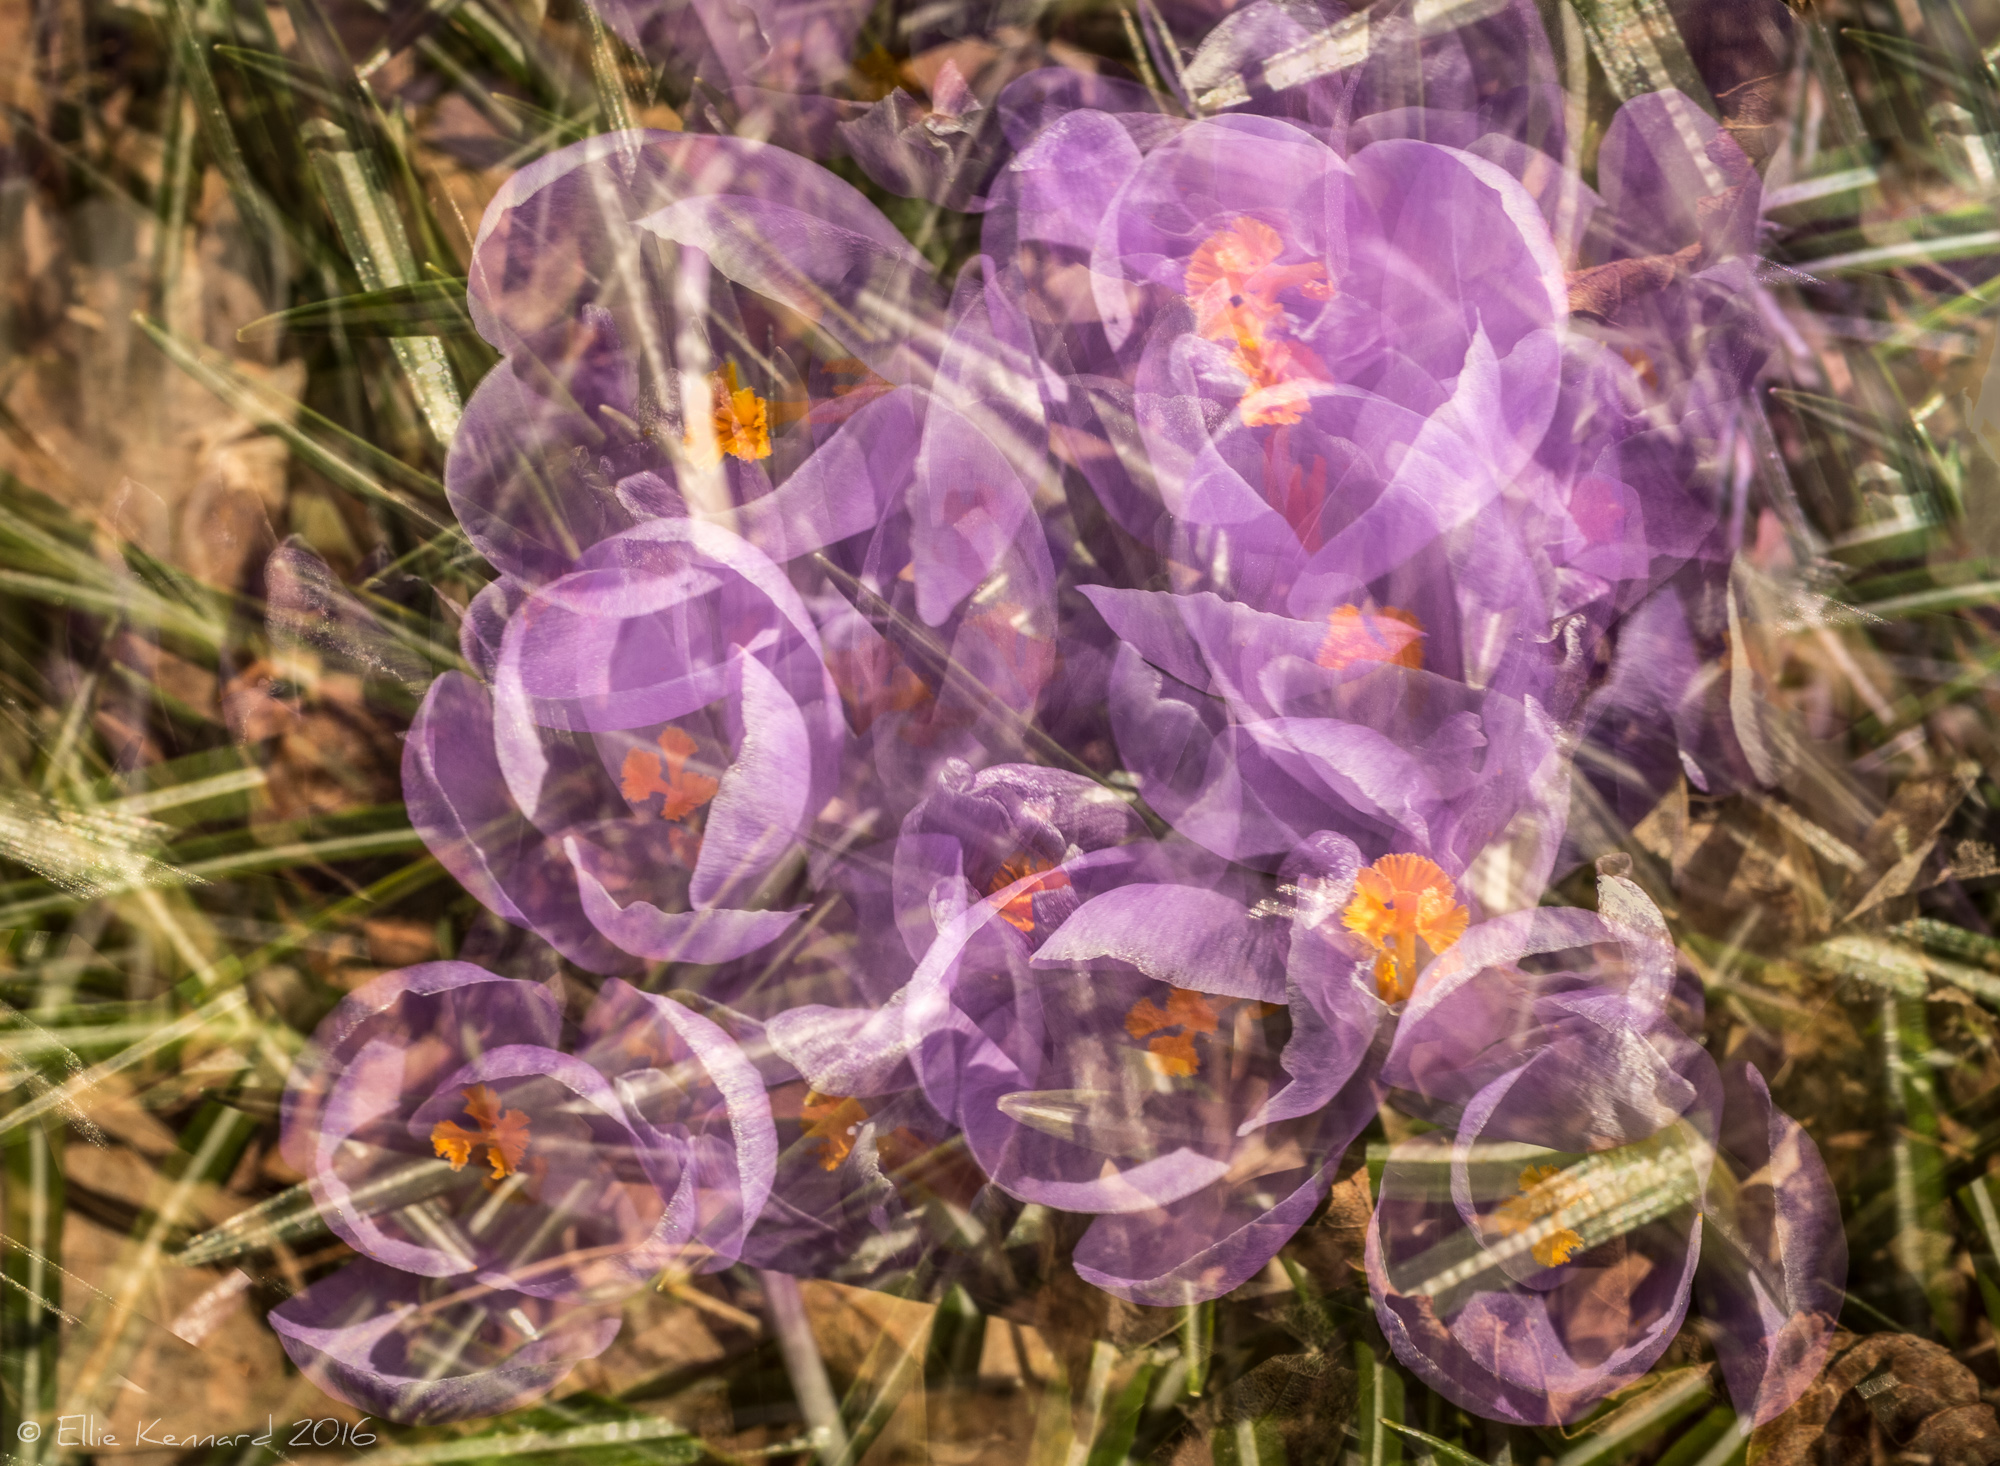 Transparent Purple ~ Multiple Exposure of Purple Crocuses– Ellie Kennard 2016